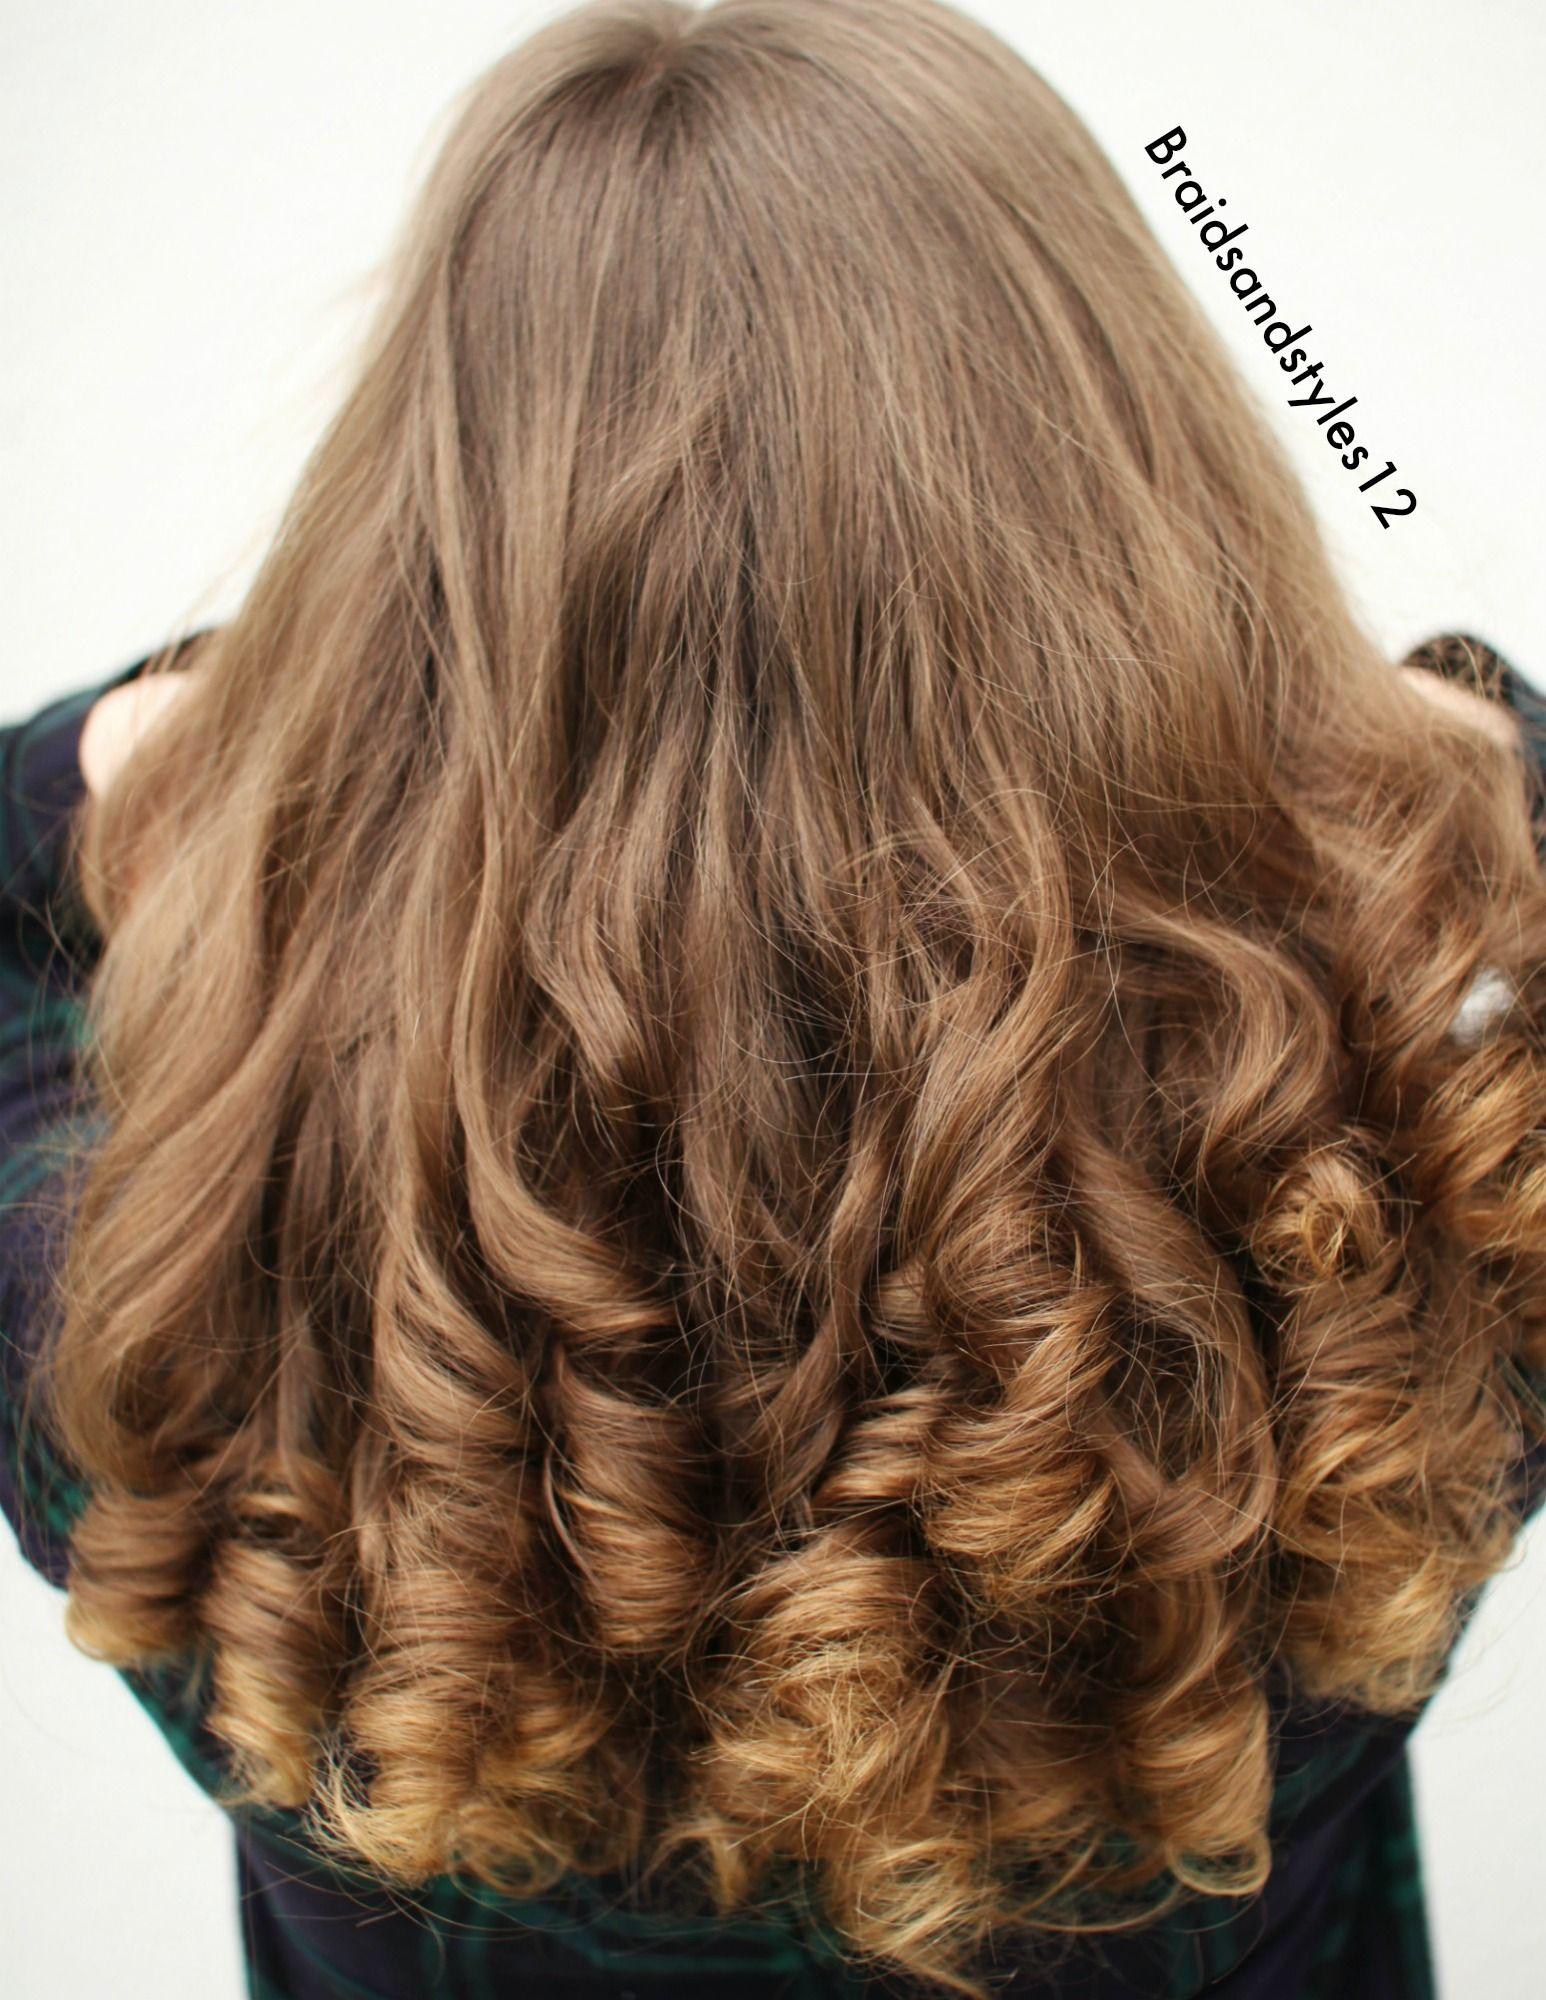 Heatless curls by braidsandstyles braidspiration pinterest